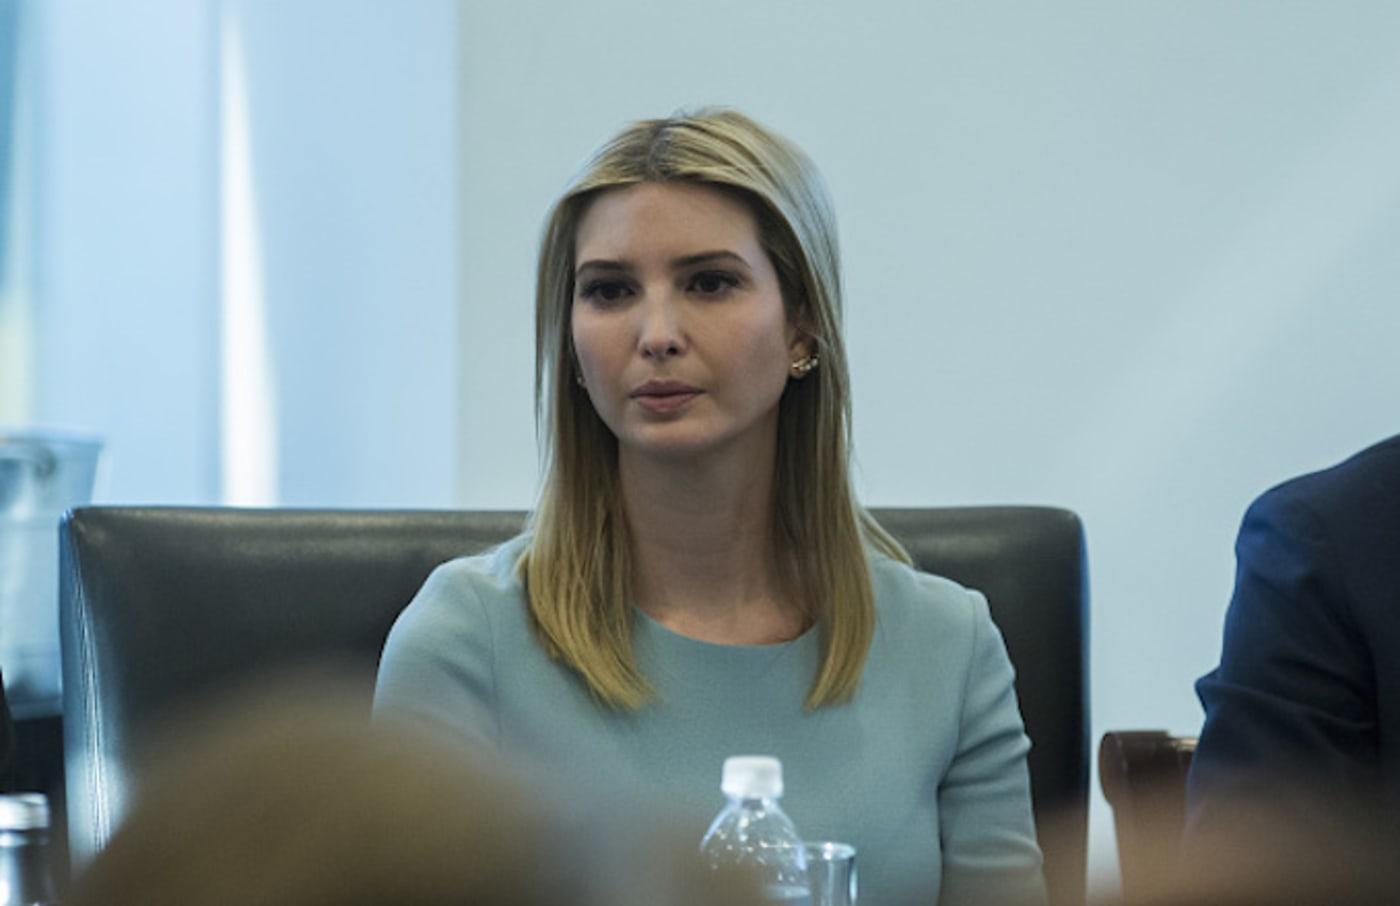 Ivanka Trump at tech meeting.